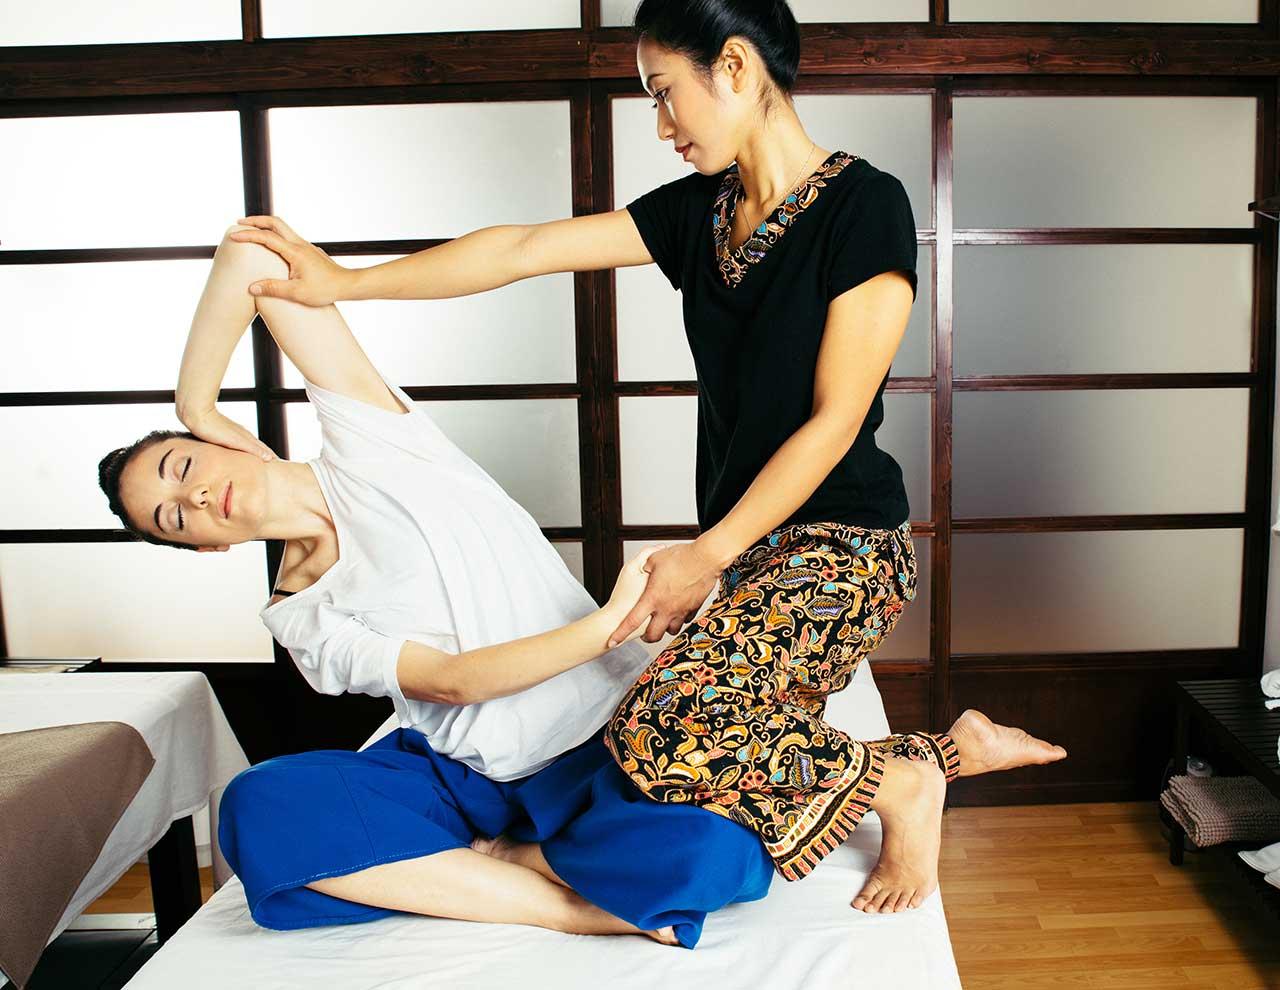 Centro de masajes orientales, masaje tailandes tradicional